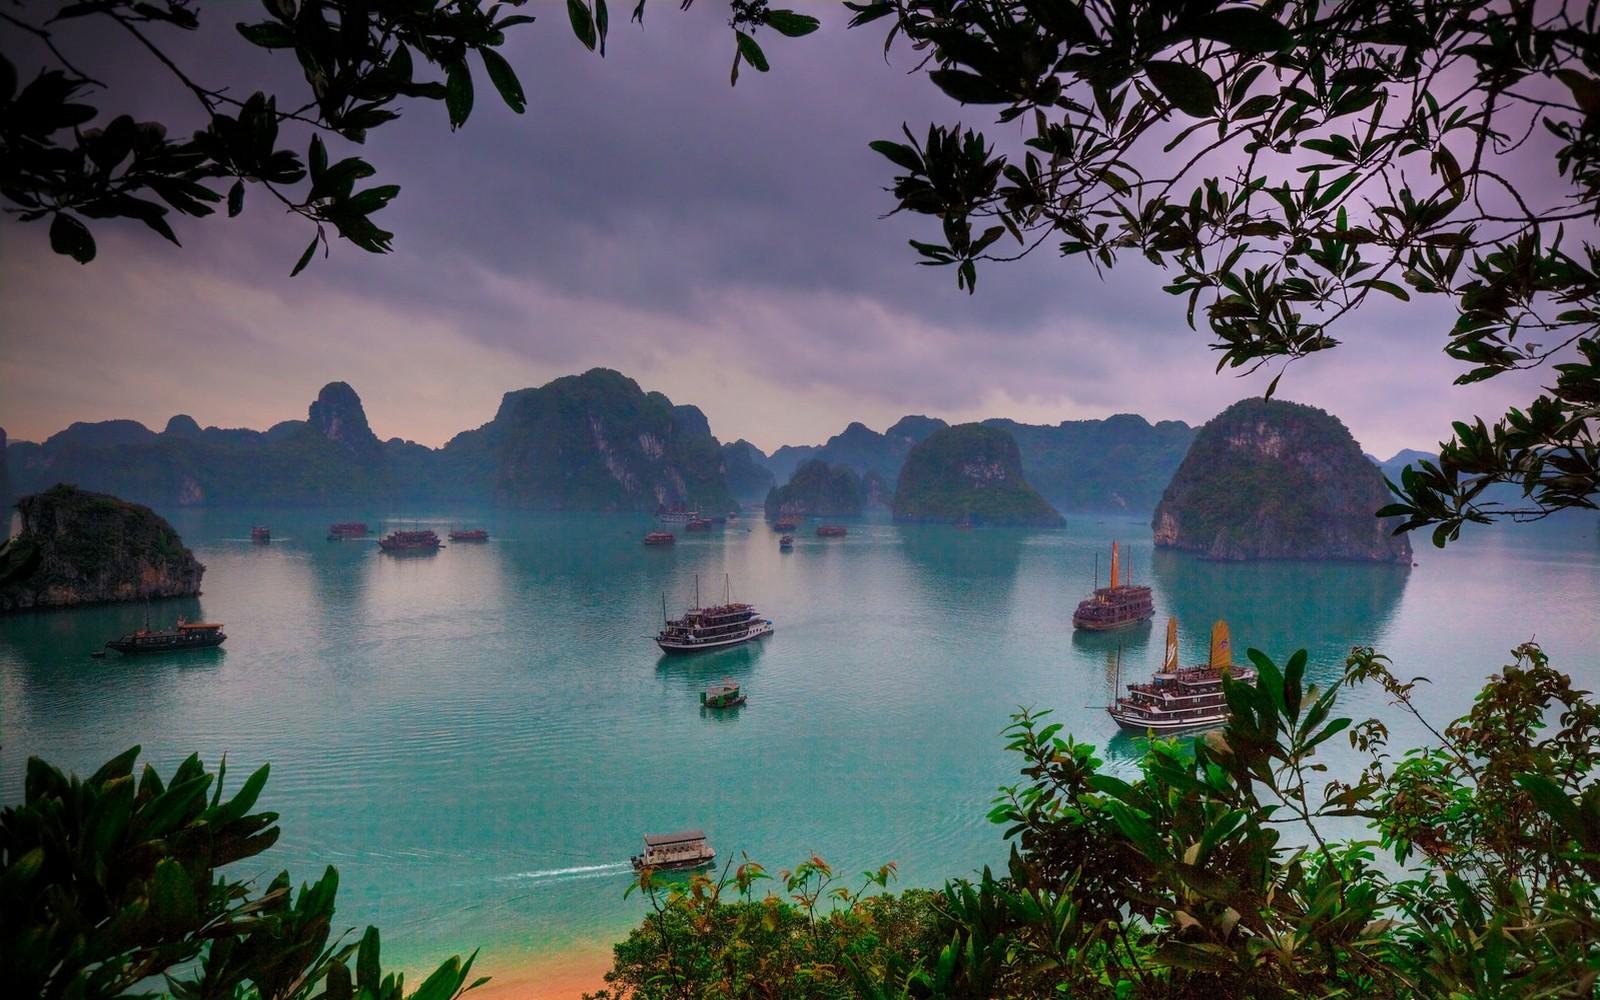 hintergrundbilder beschreibung tropische landschaft - photo #4